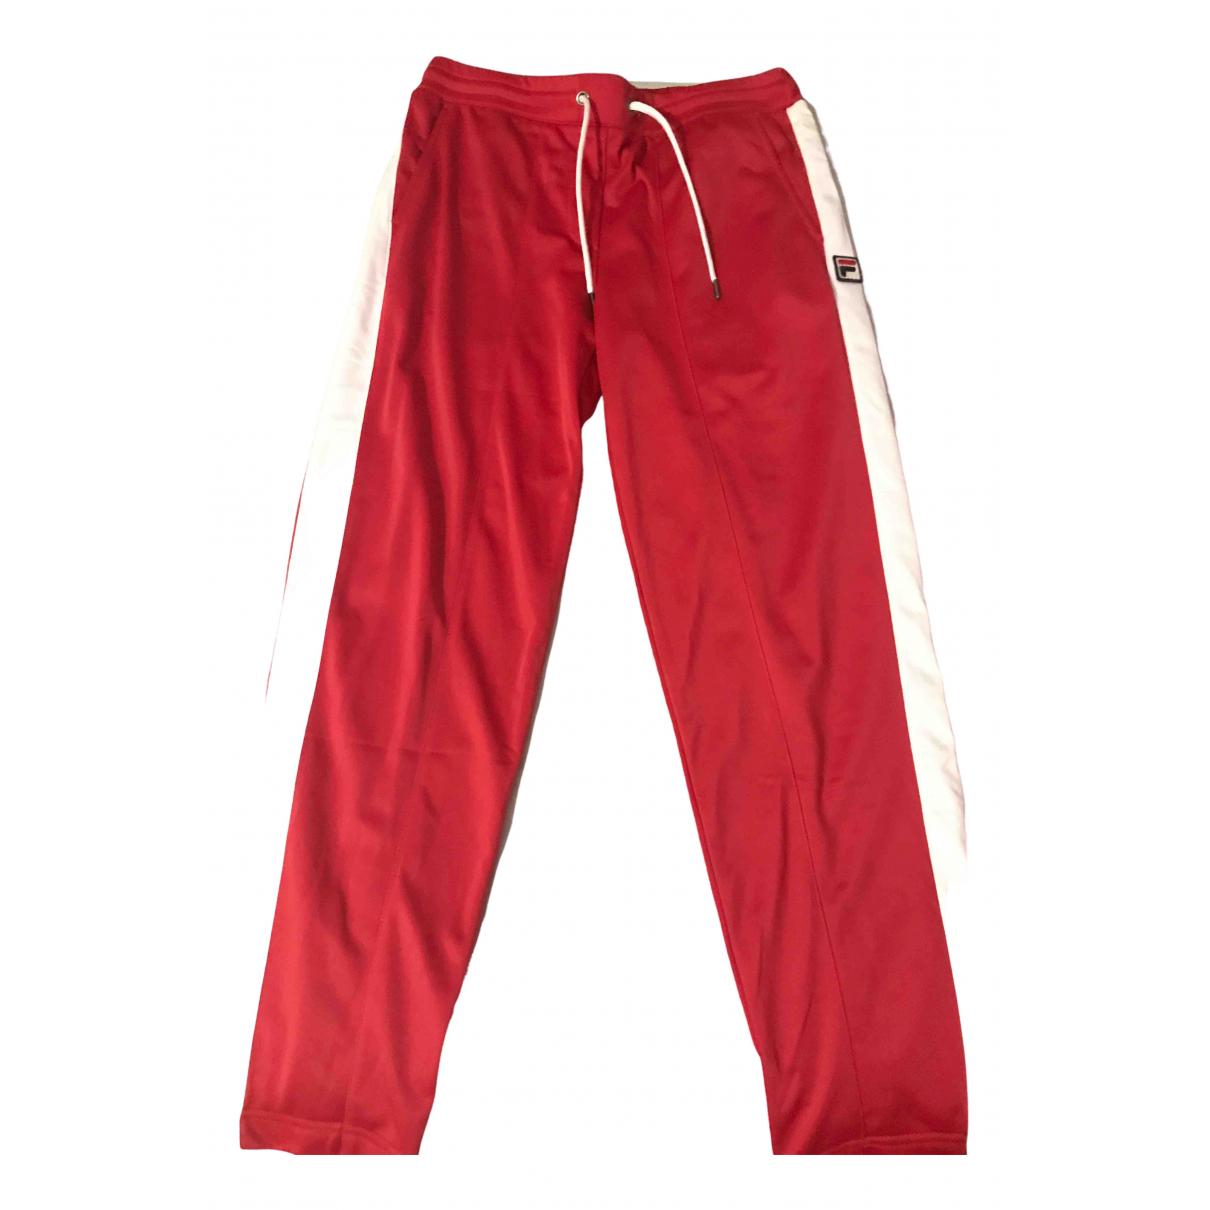 Pantalon en Poliester Rojo Fila